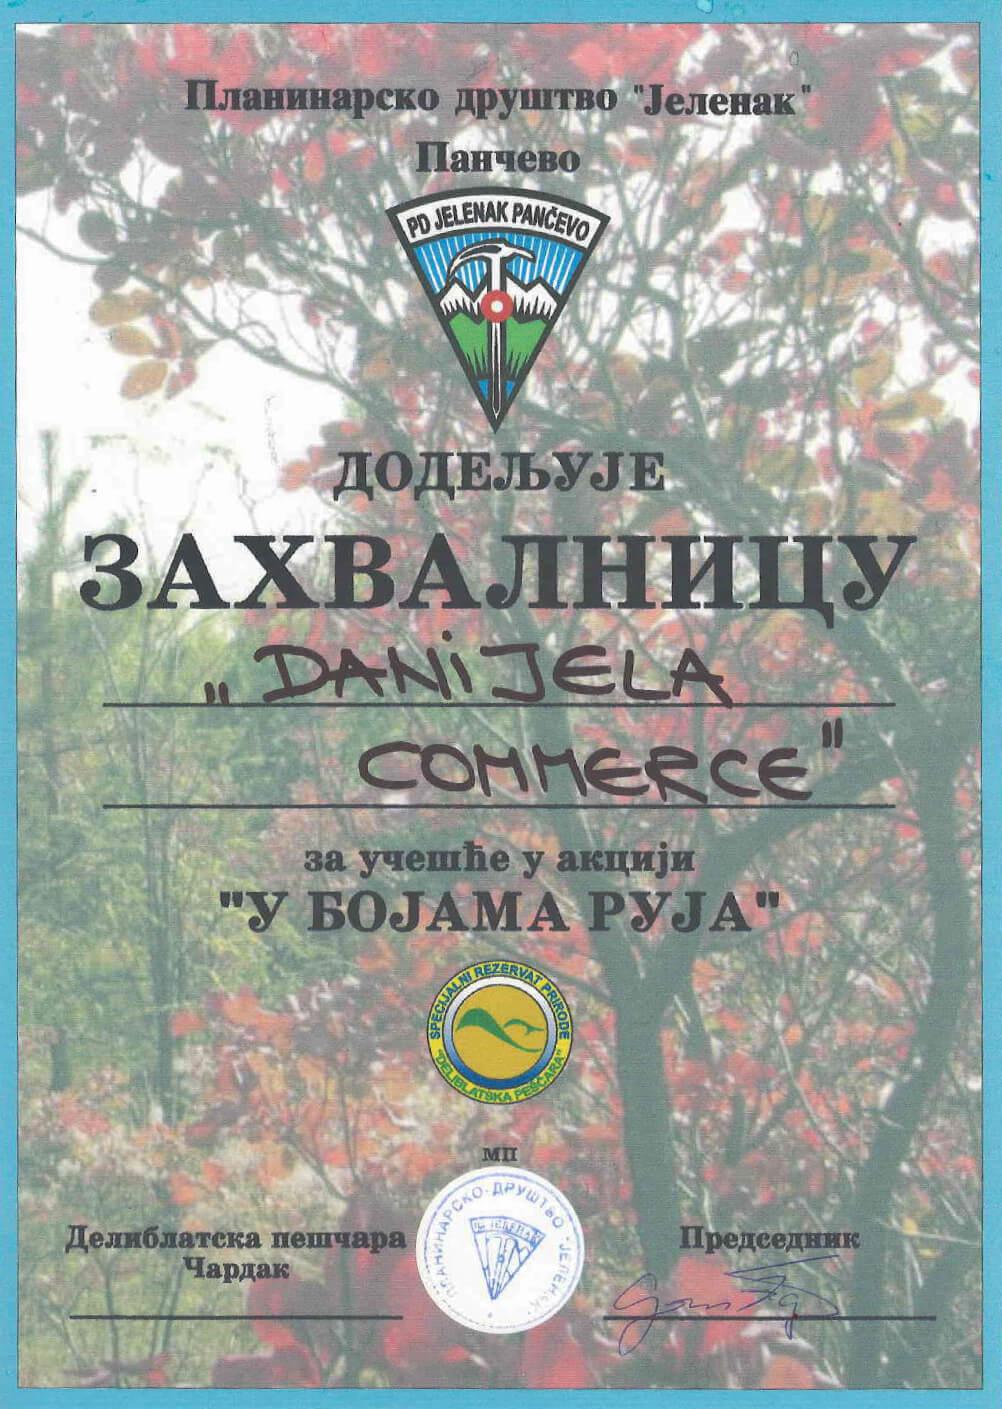 Planinarsko društvo Jelenak Pančevo